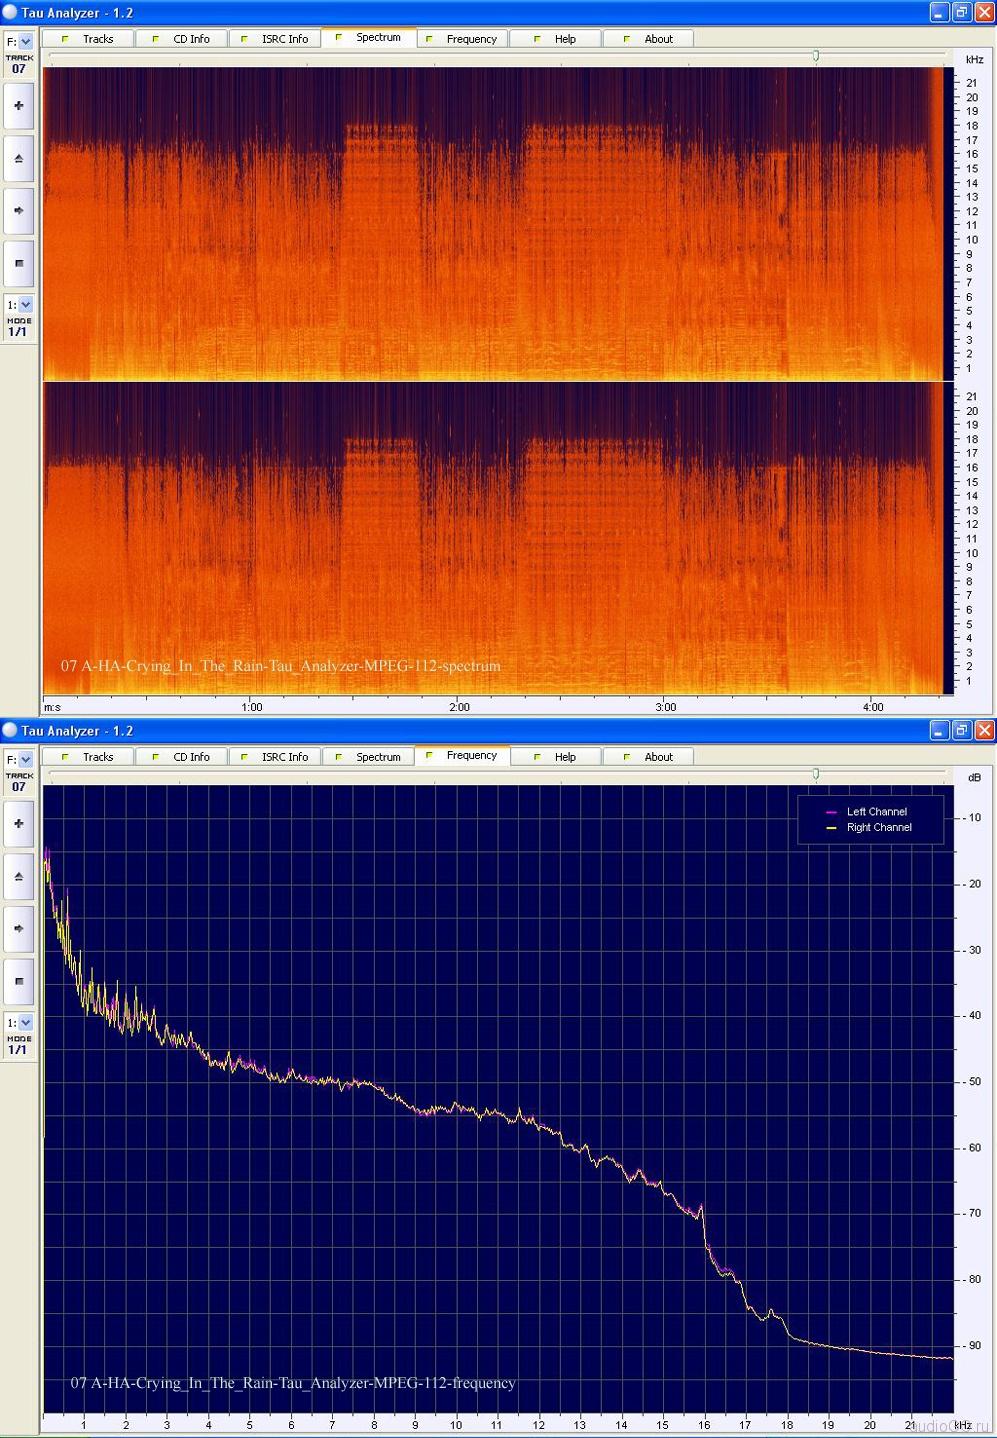 07 A-HA-Crying_In_The_Rain-Tau_Analyzer-MPEG-112-spectr-997